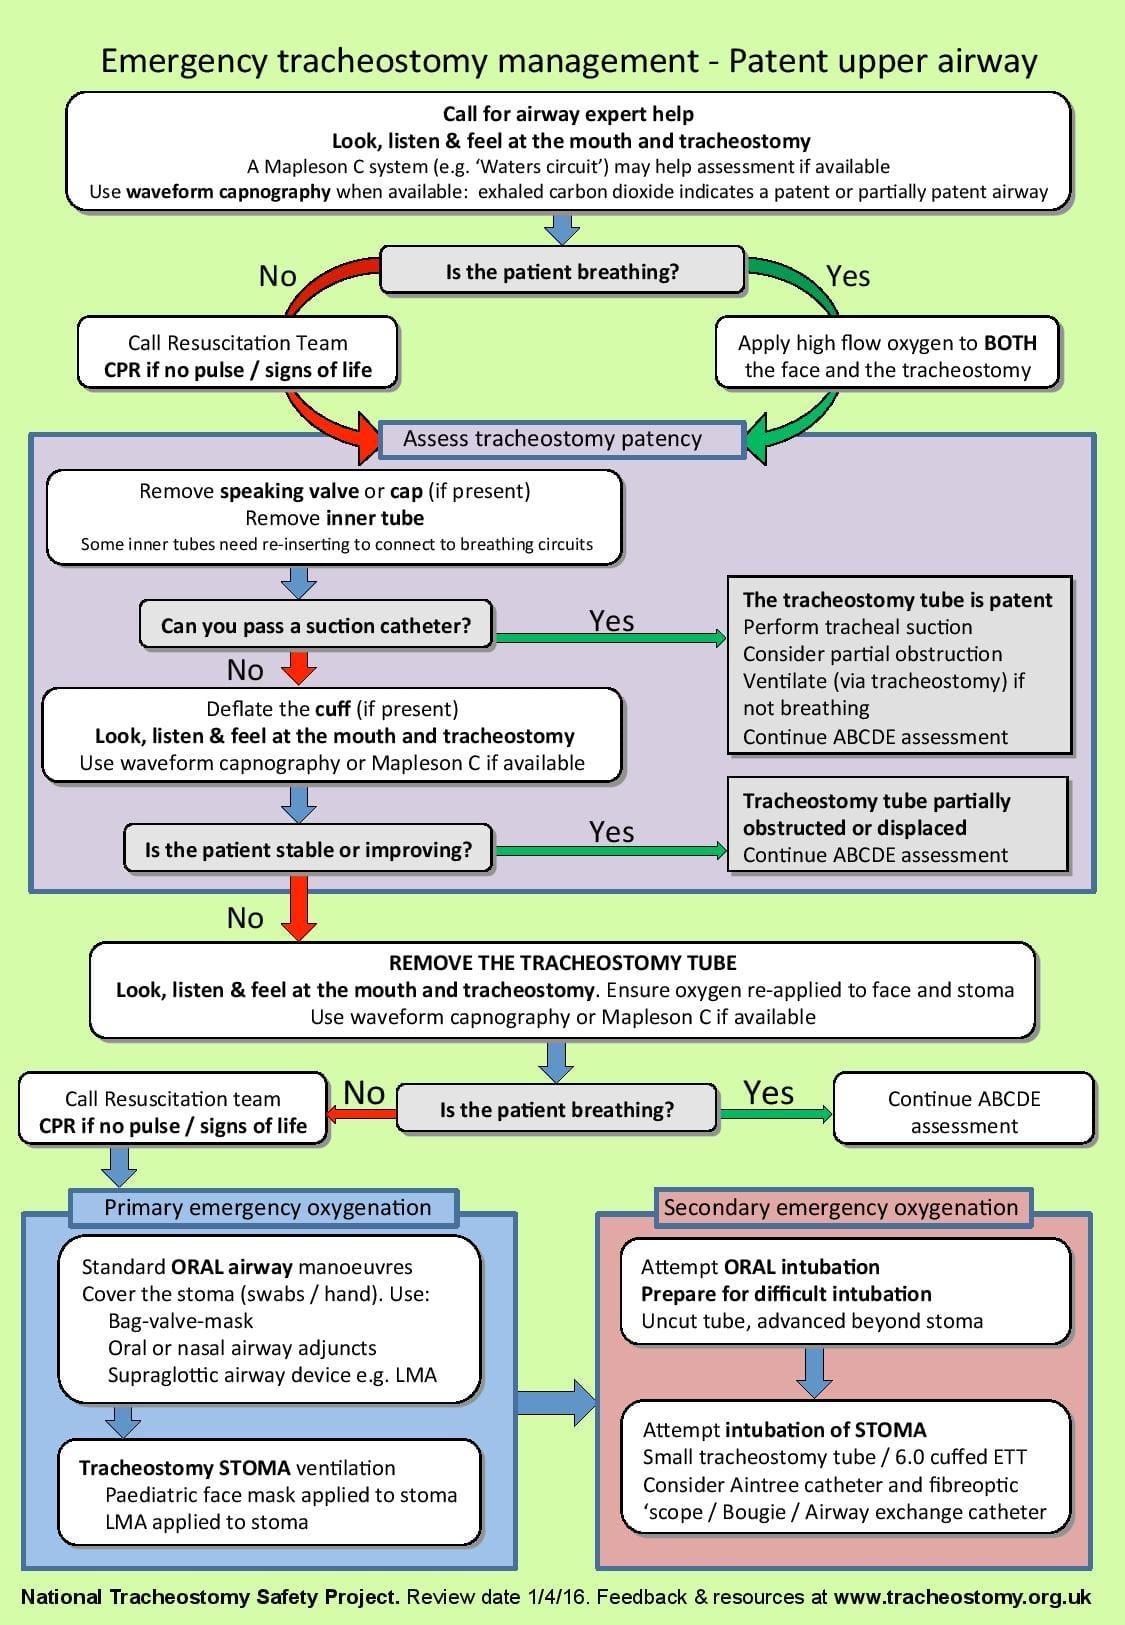 Emergency tracheostomy management